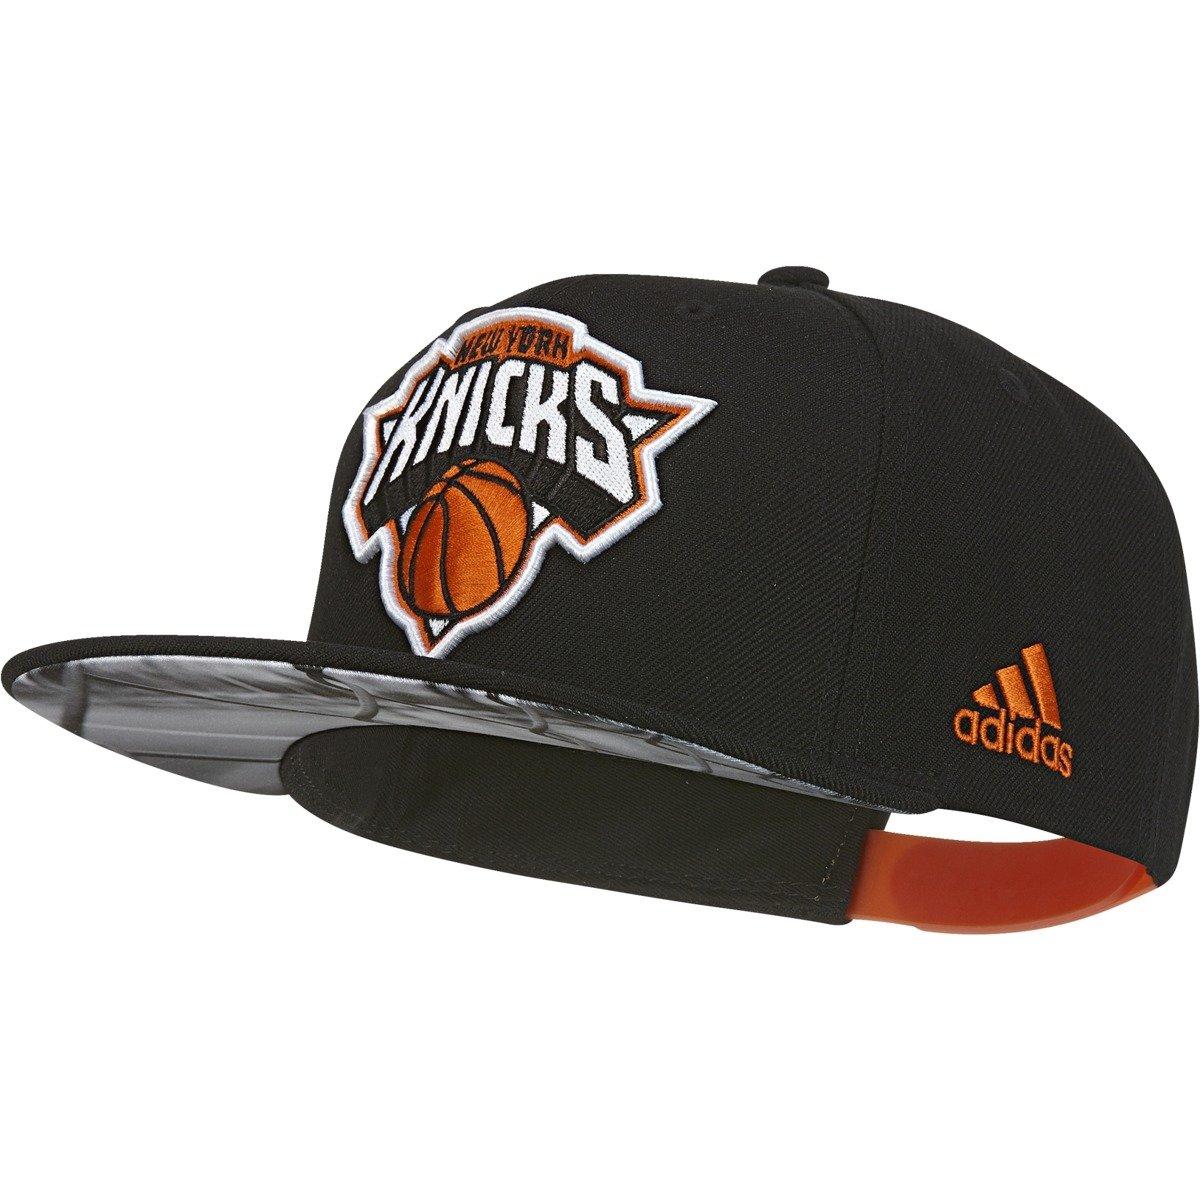 New York Knicks Clothing Uk